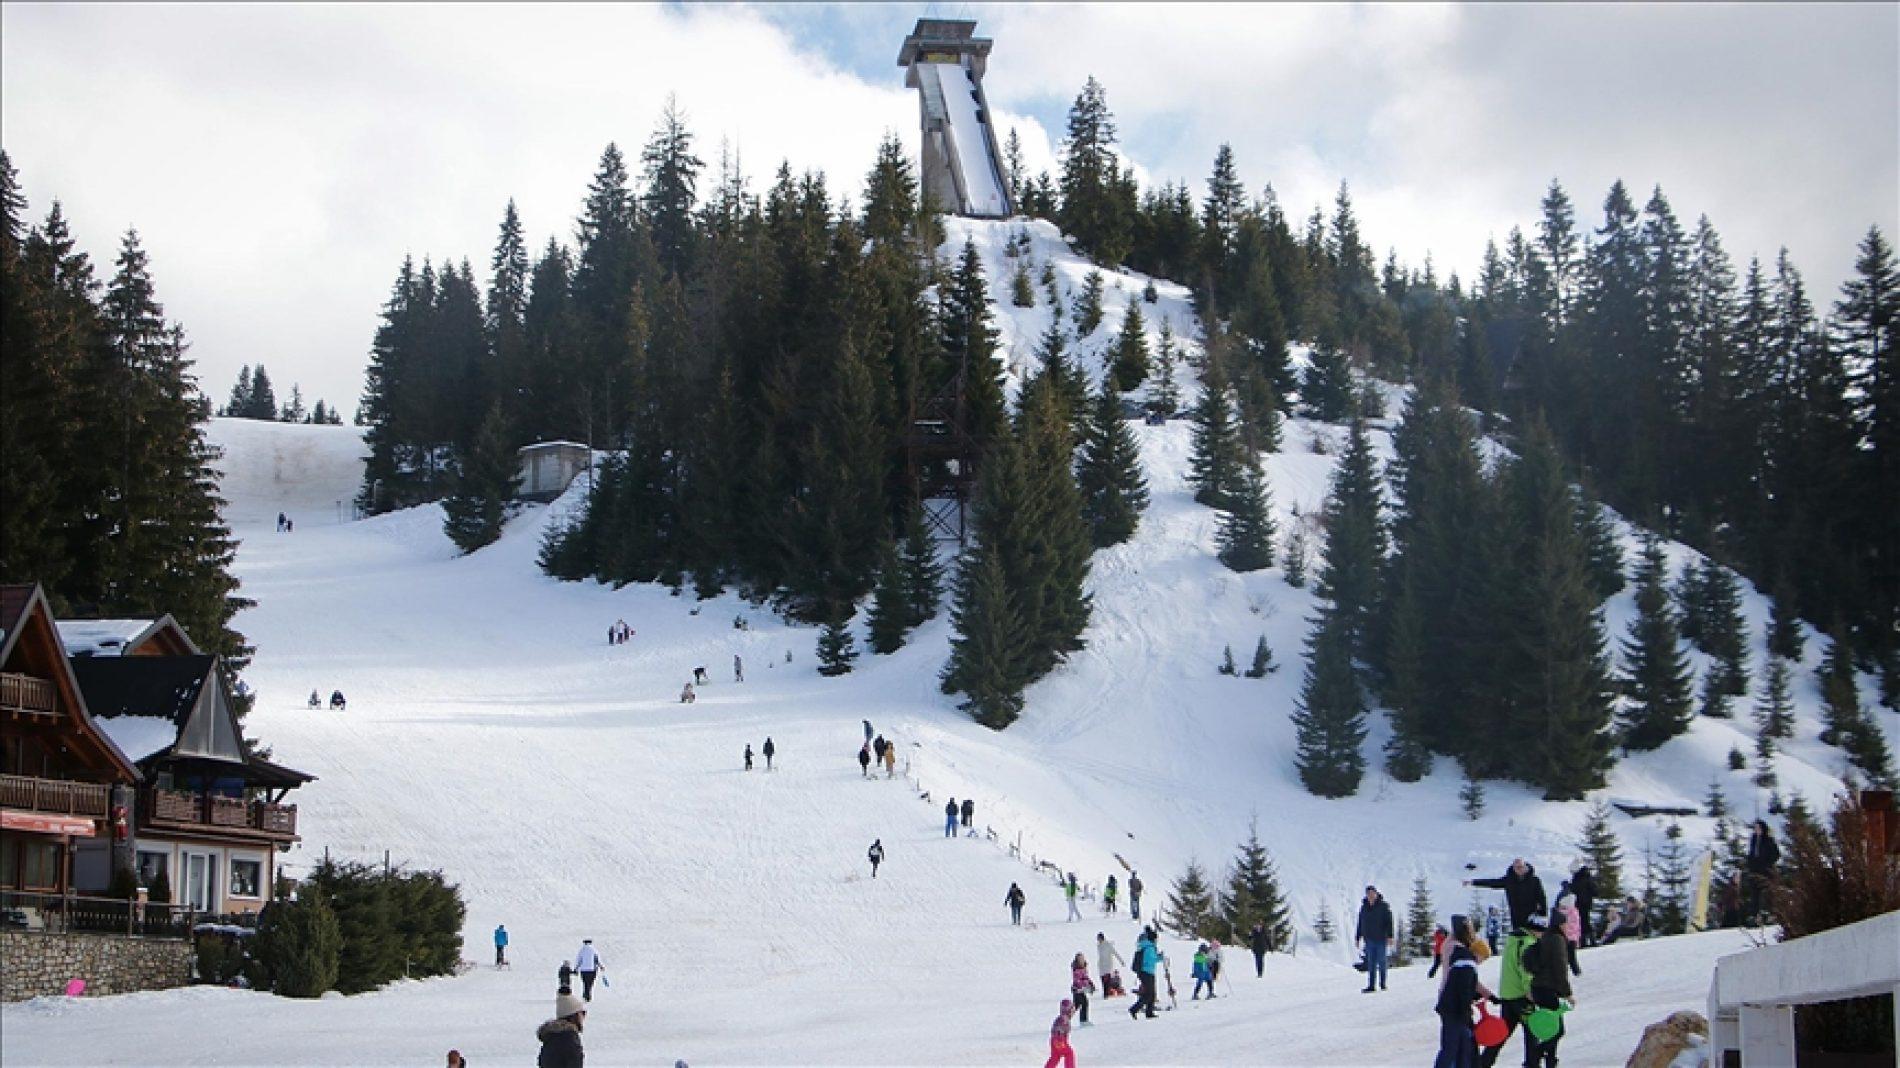 Zimska idila na Vlašiću, planini s dušom kojoj se svi rado vraćaju